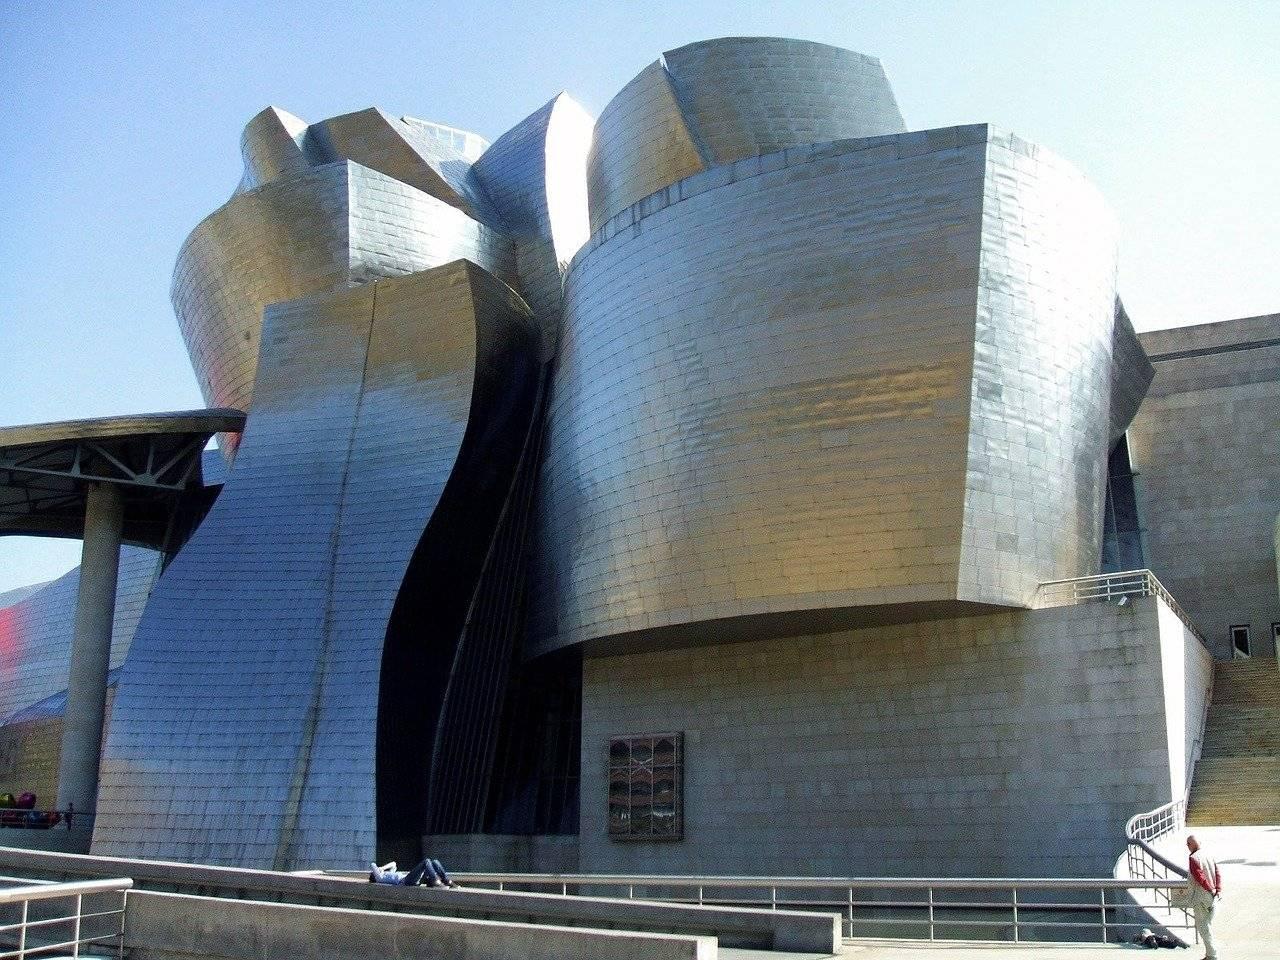 Музей соломона гуггенхайма в бильбао | деловой квартал | деловой квартал